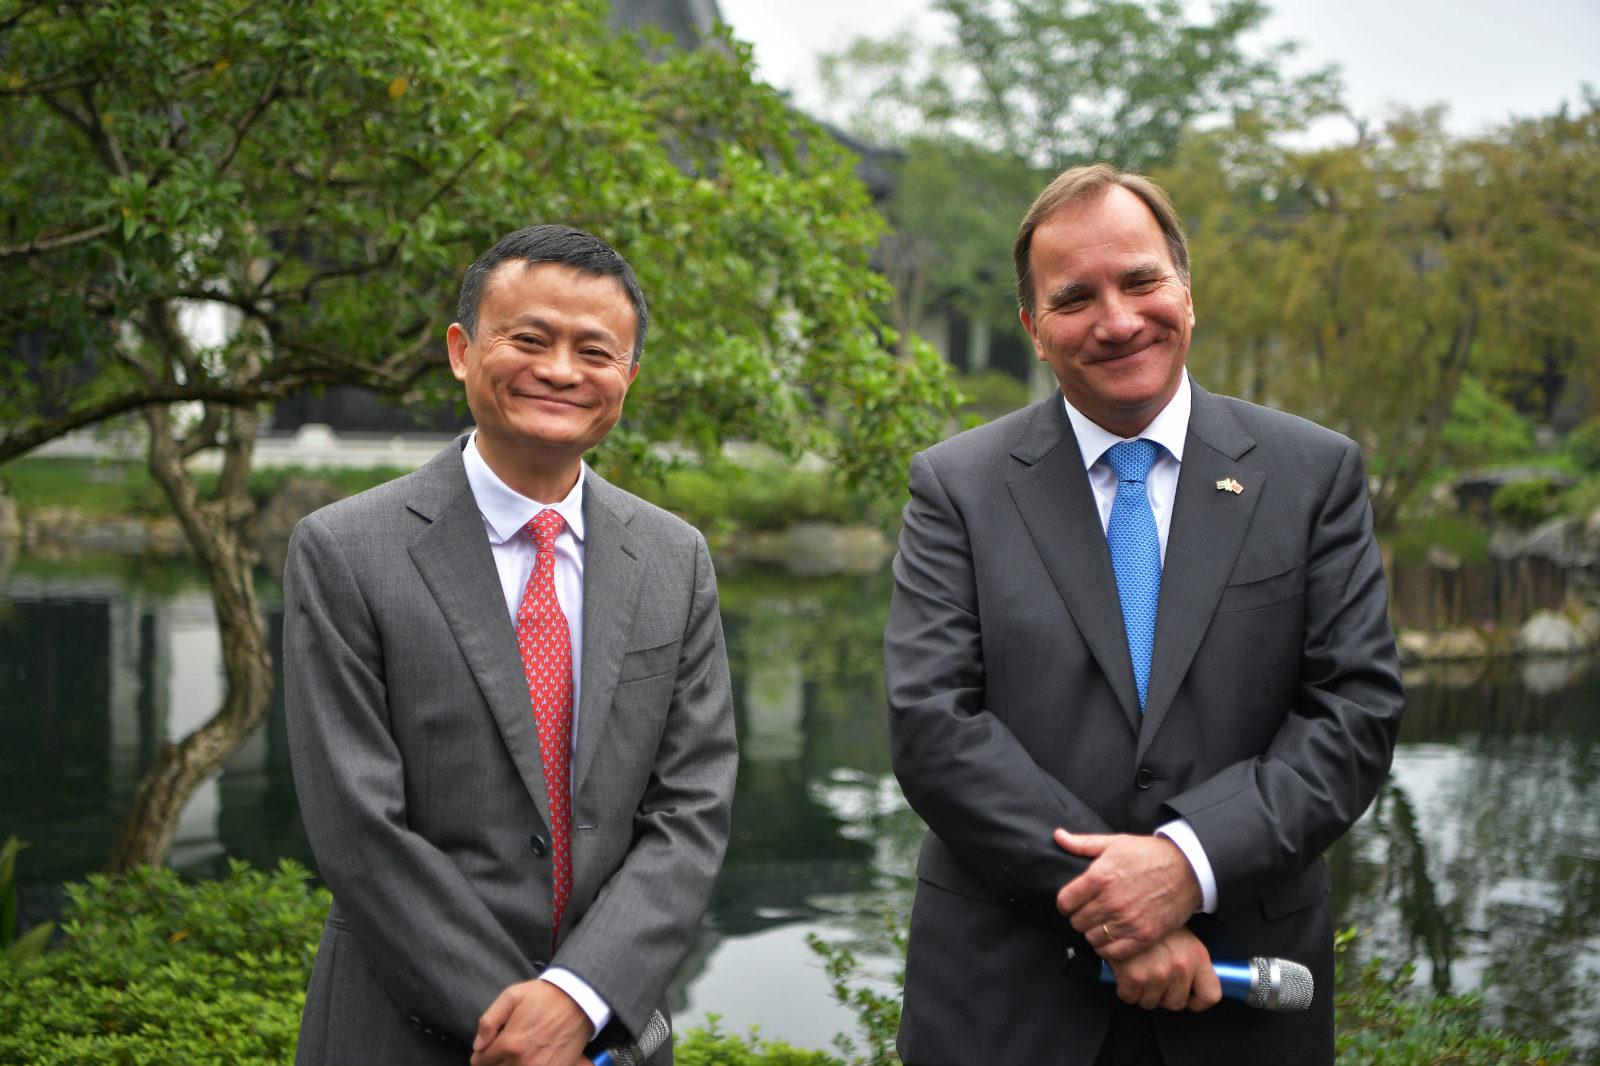 瑞典首相造访阿里巴巴:希望阿里成为两国企业间桥梁